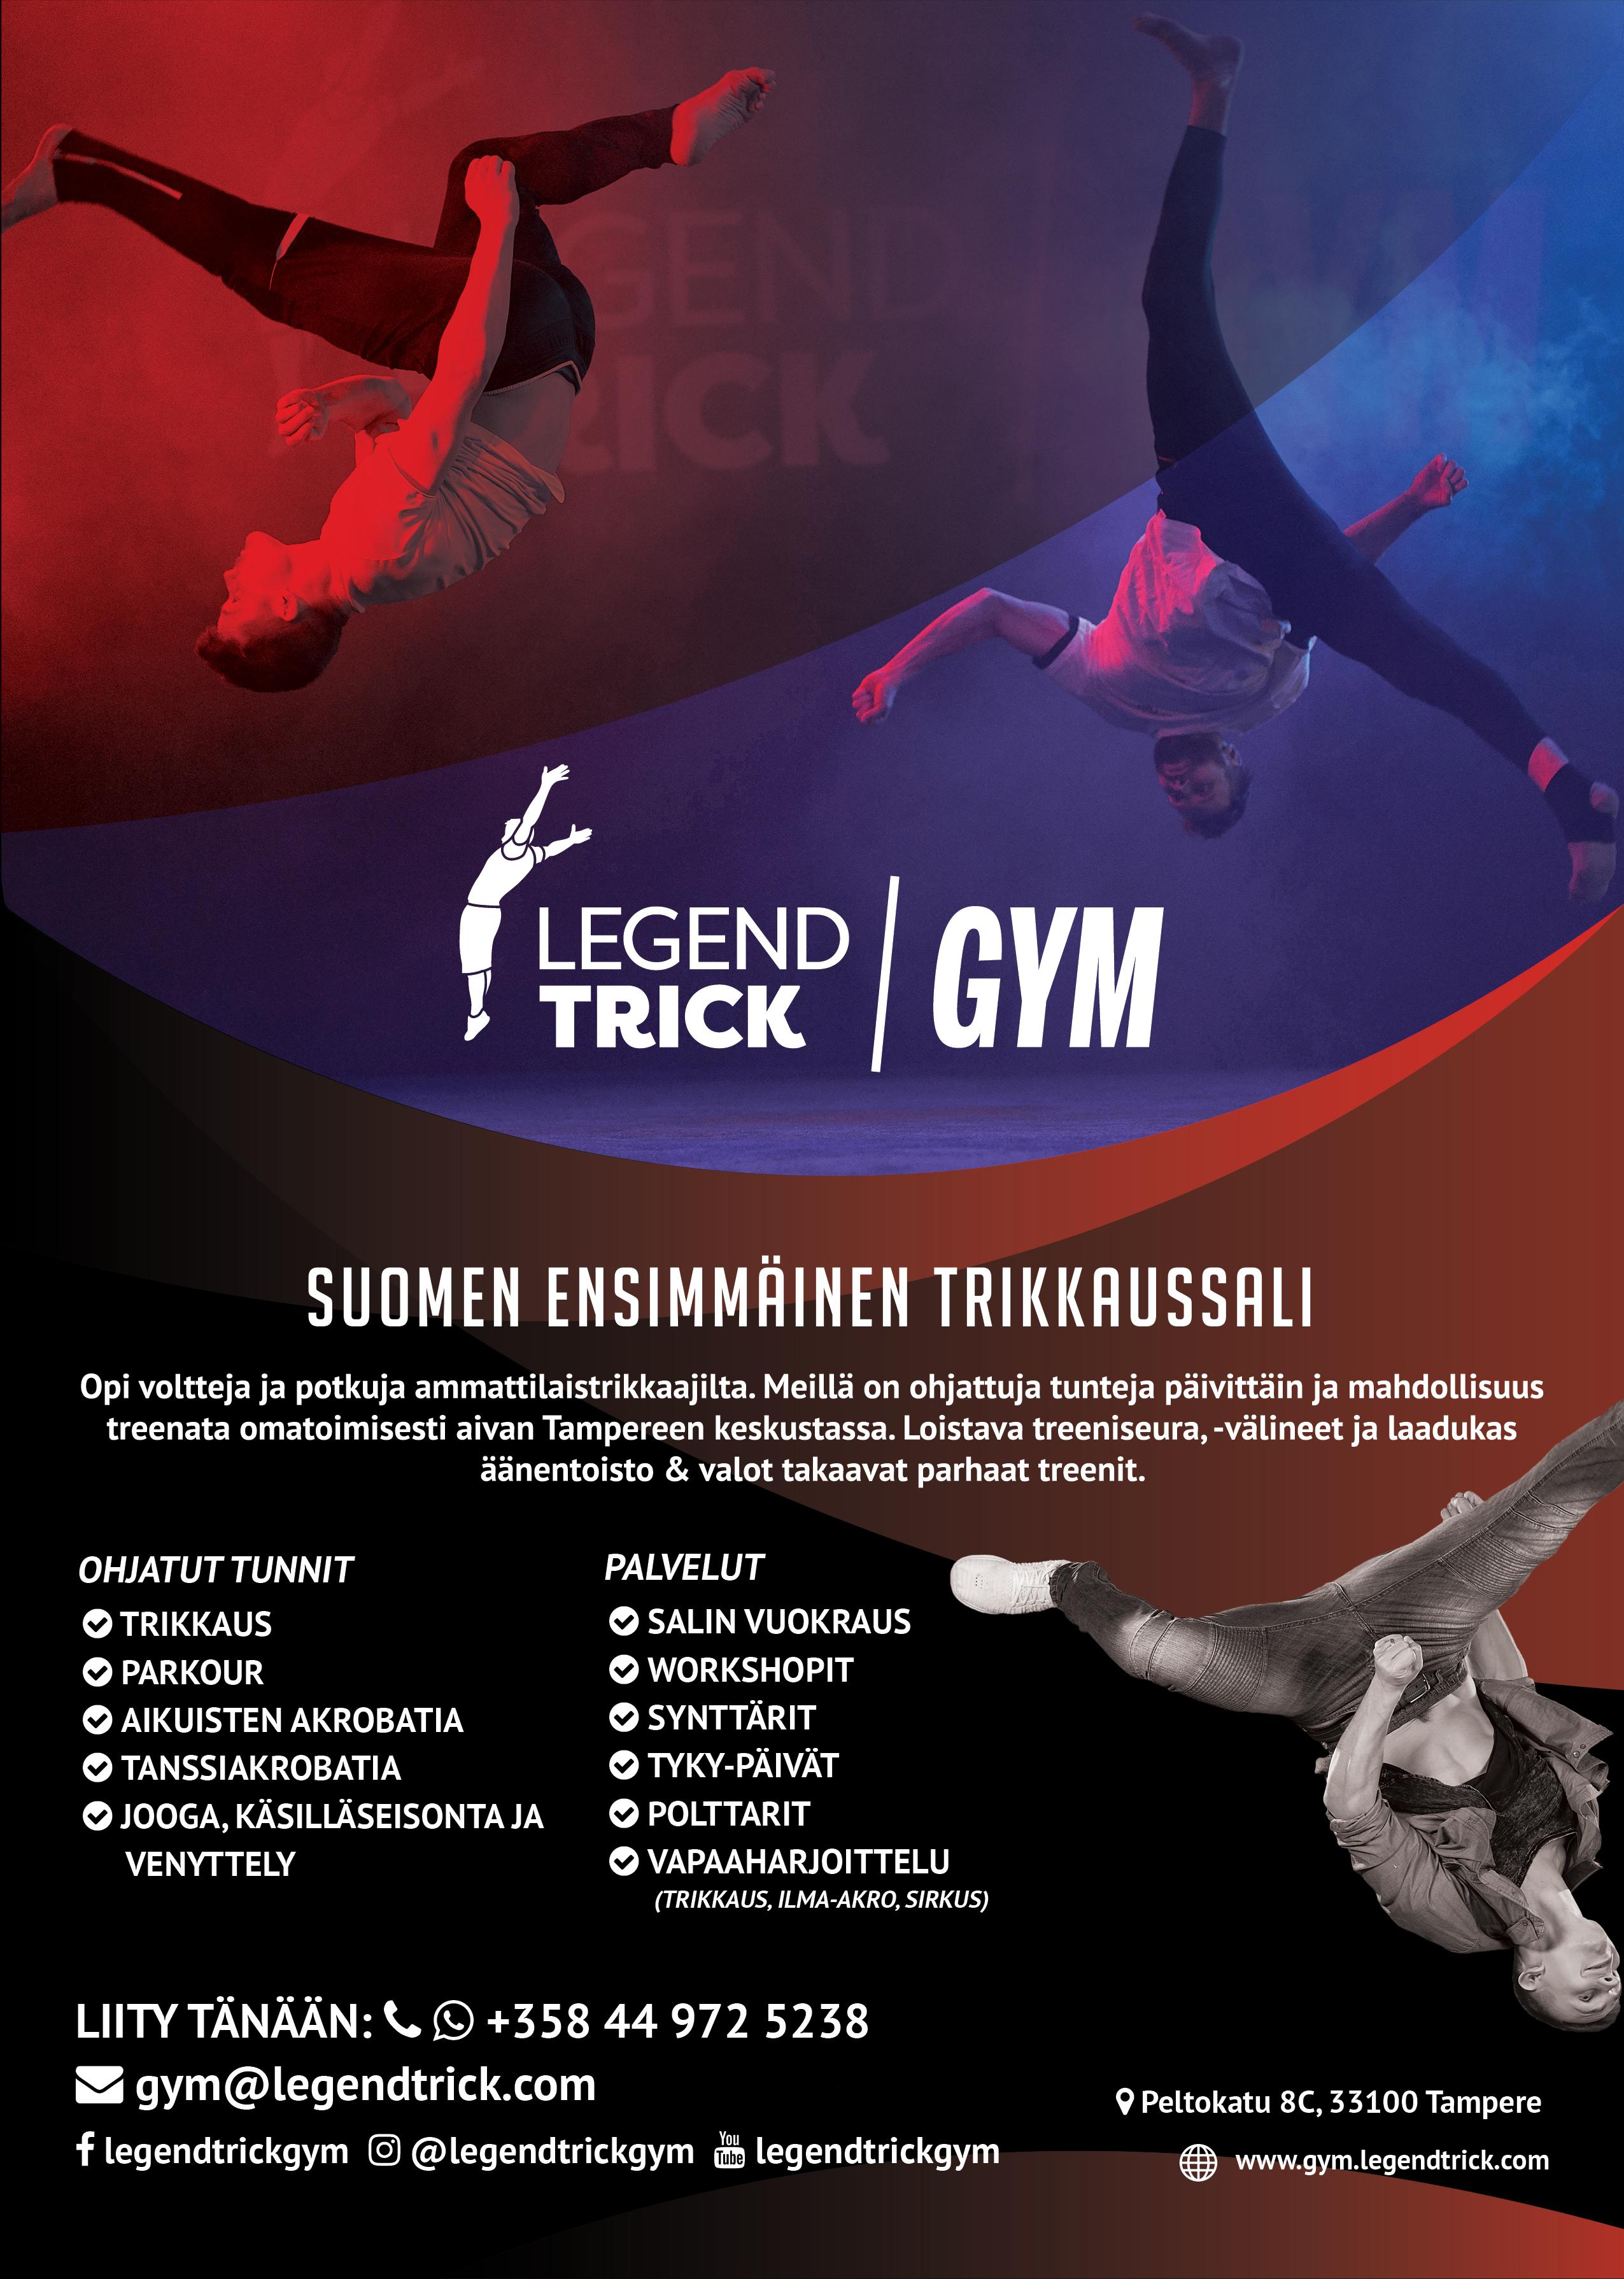 LegendTrick Gym - trikkaussali Tampereella